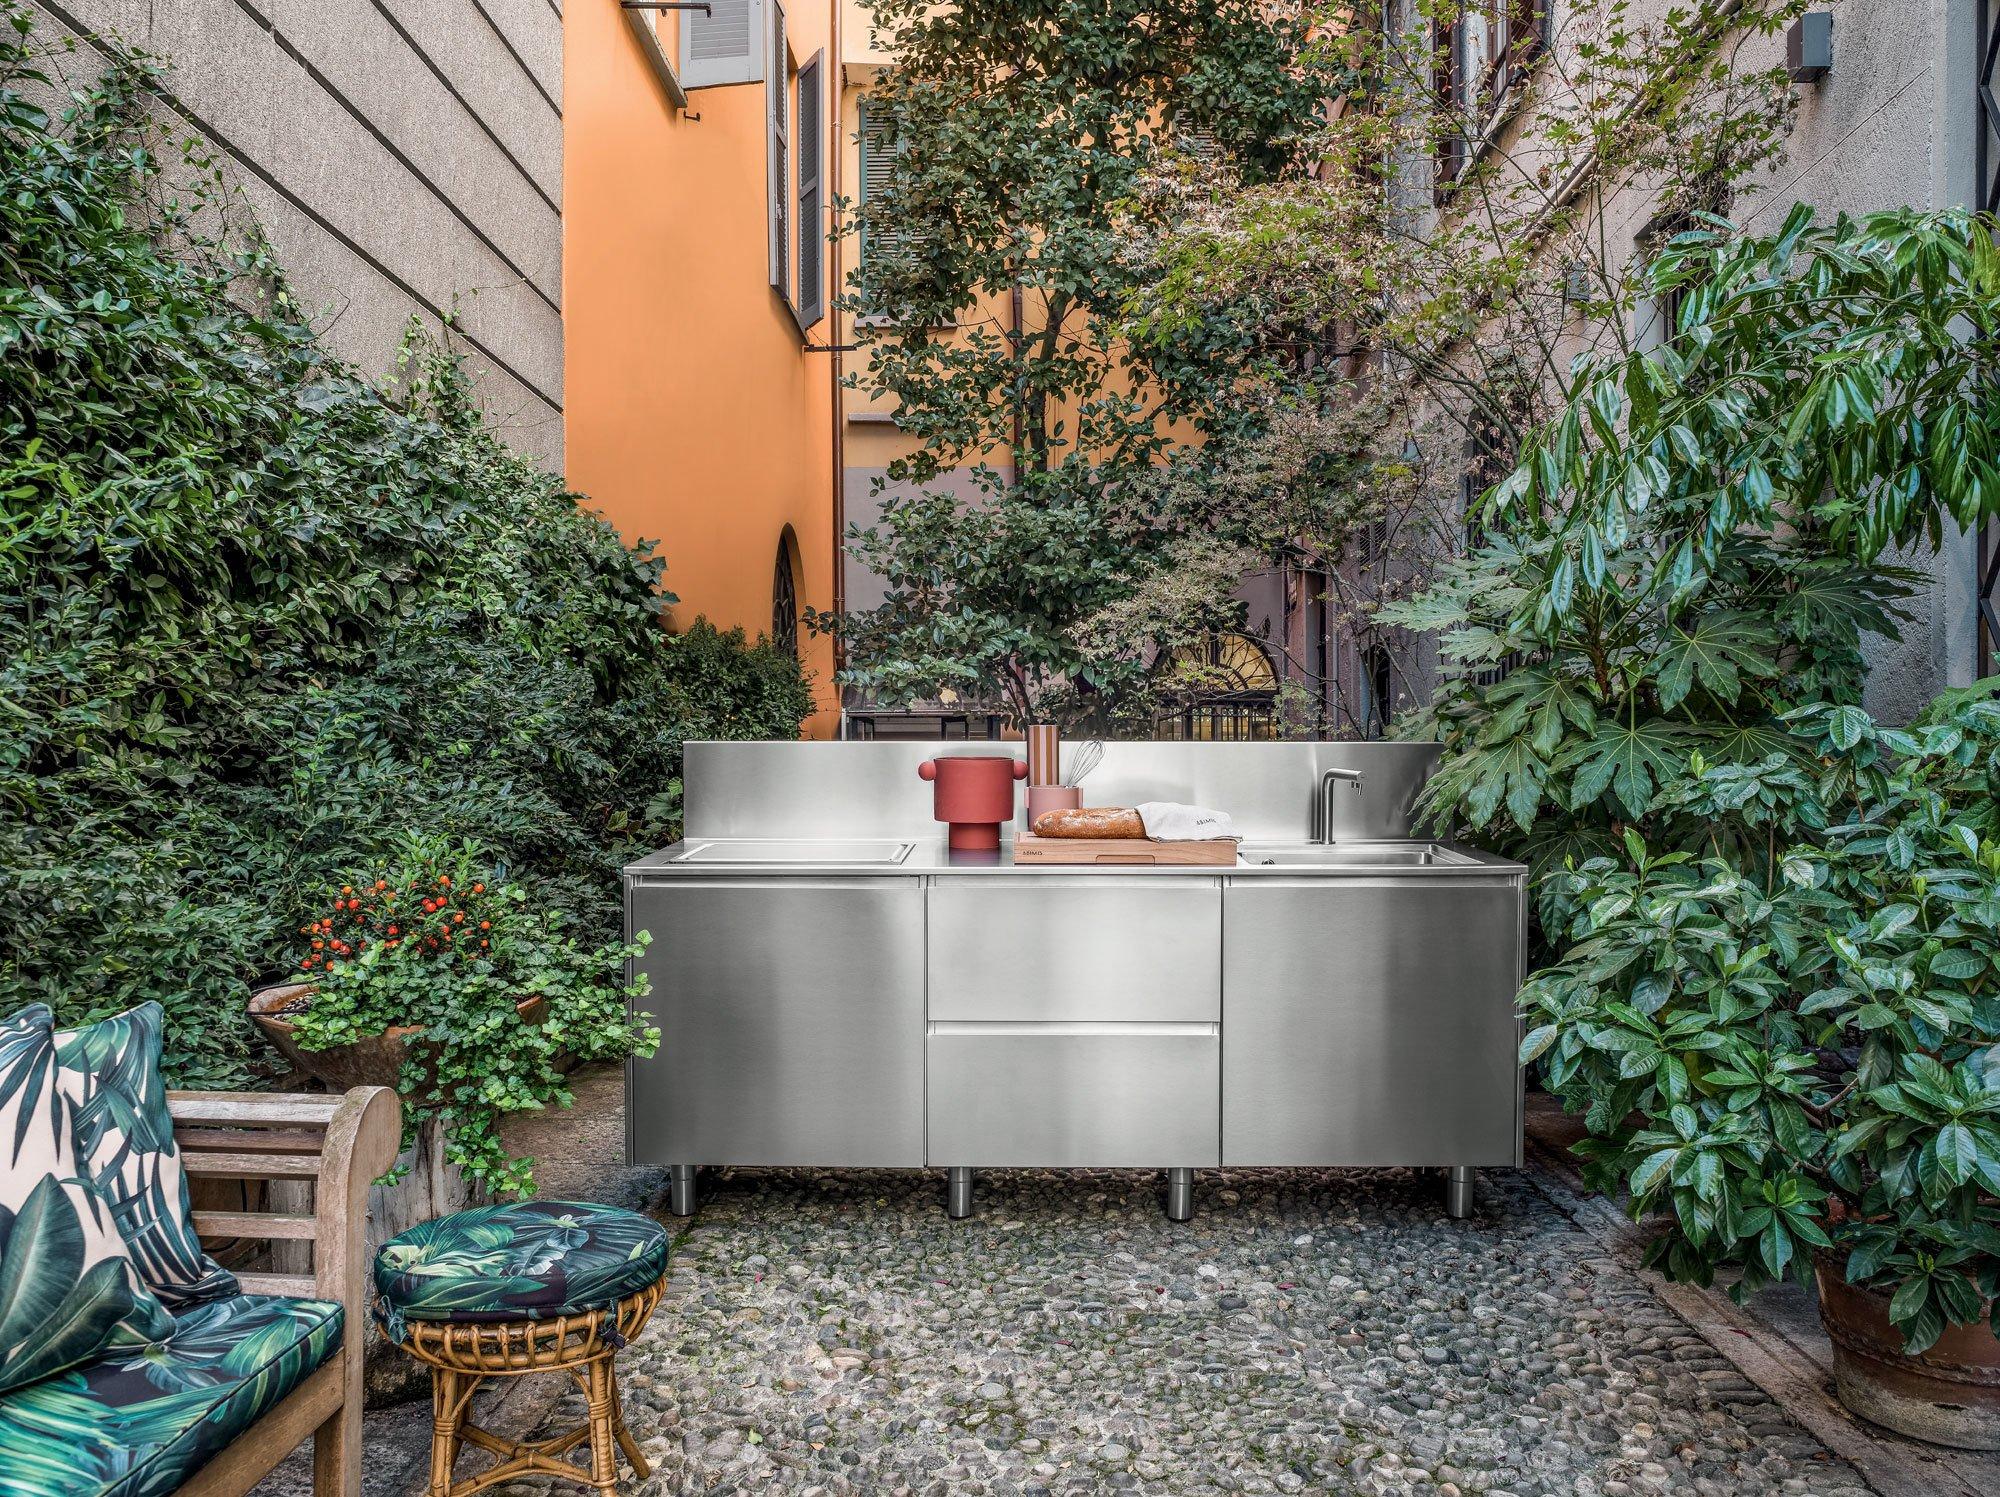 Outdoor-Möbel & Outdoor-KüchenOutdoor-Küche Atelier von Abimis im Mailänder Stadtteil Brera. Foto/ Copyright: Abimis